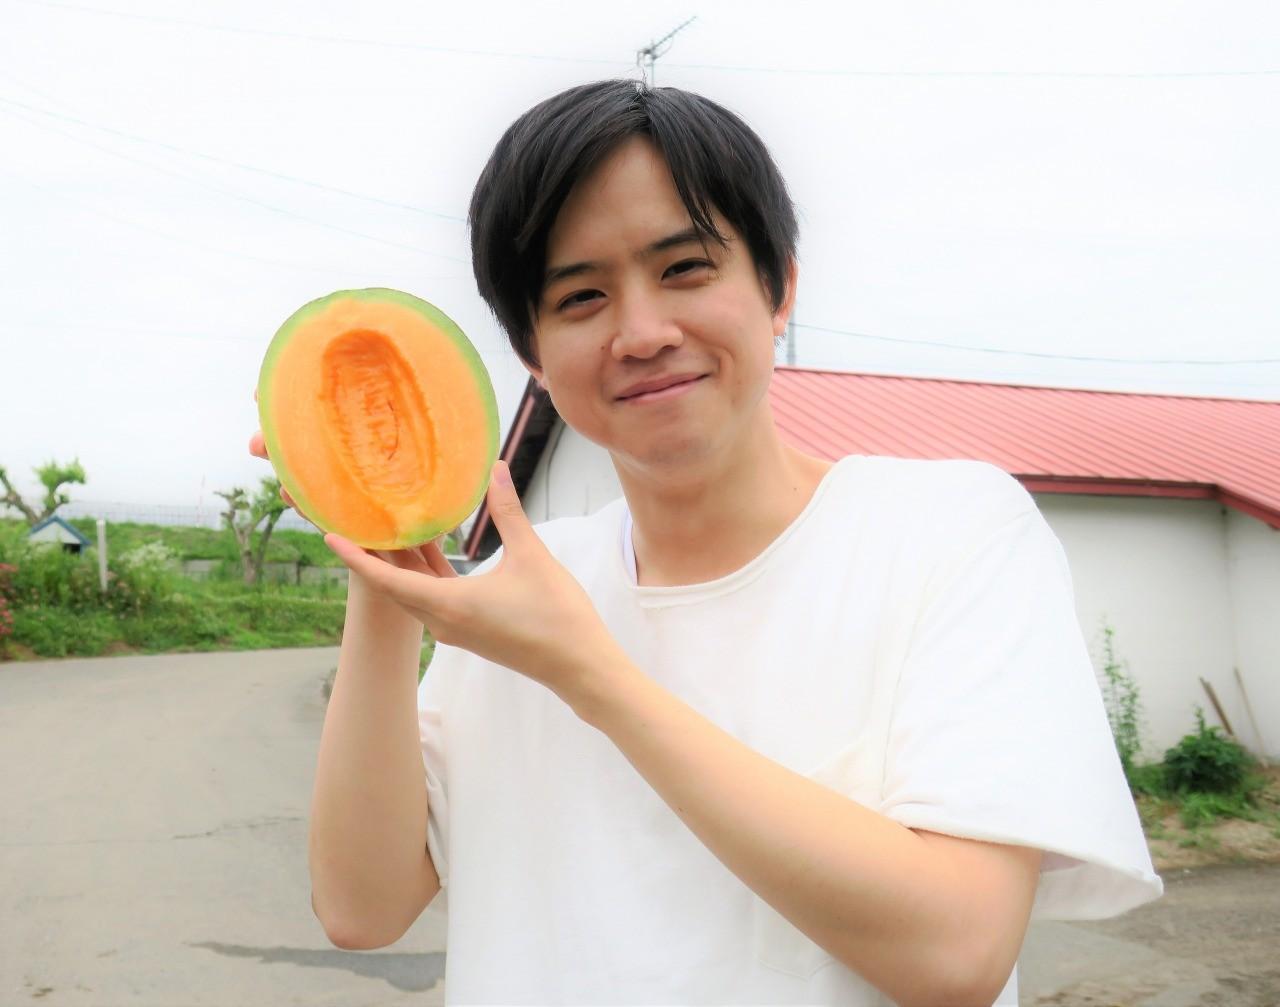 北海道栗山町メロン男子図鑑 山口拓人